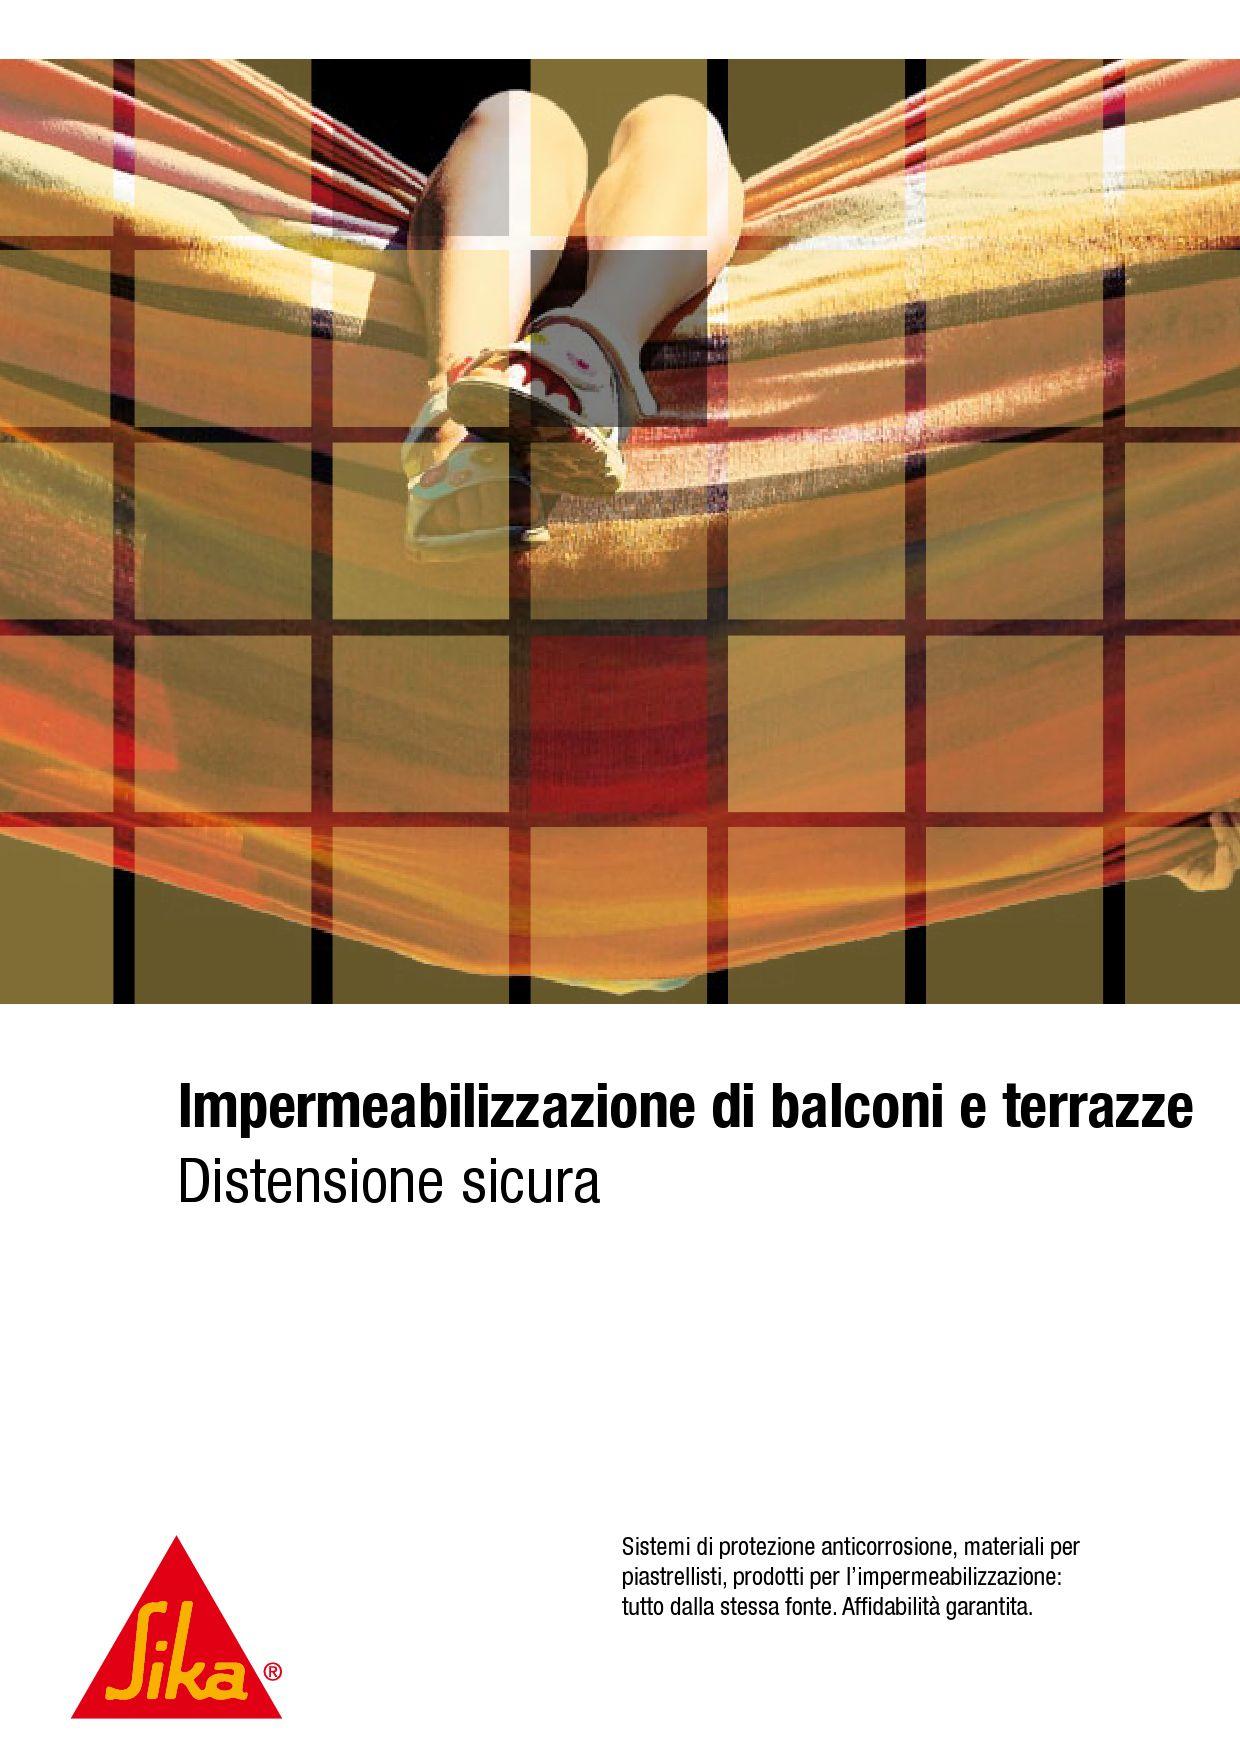 Impermeabilizzazione balconi e terrazzi by max max issuu - Impermeabilizzazione balconi ...